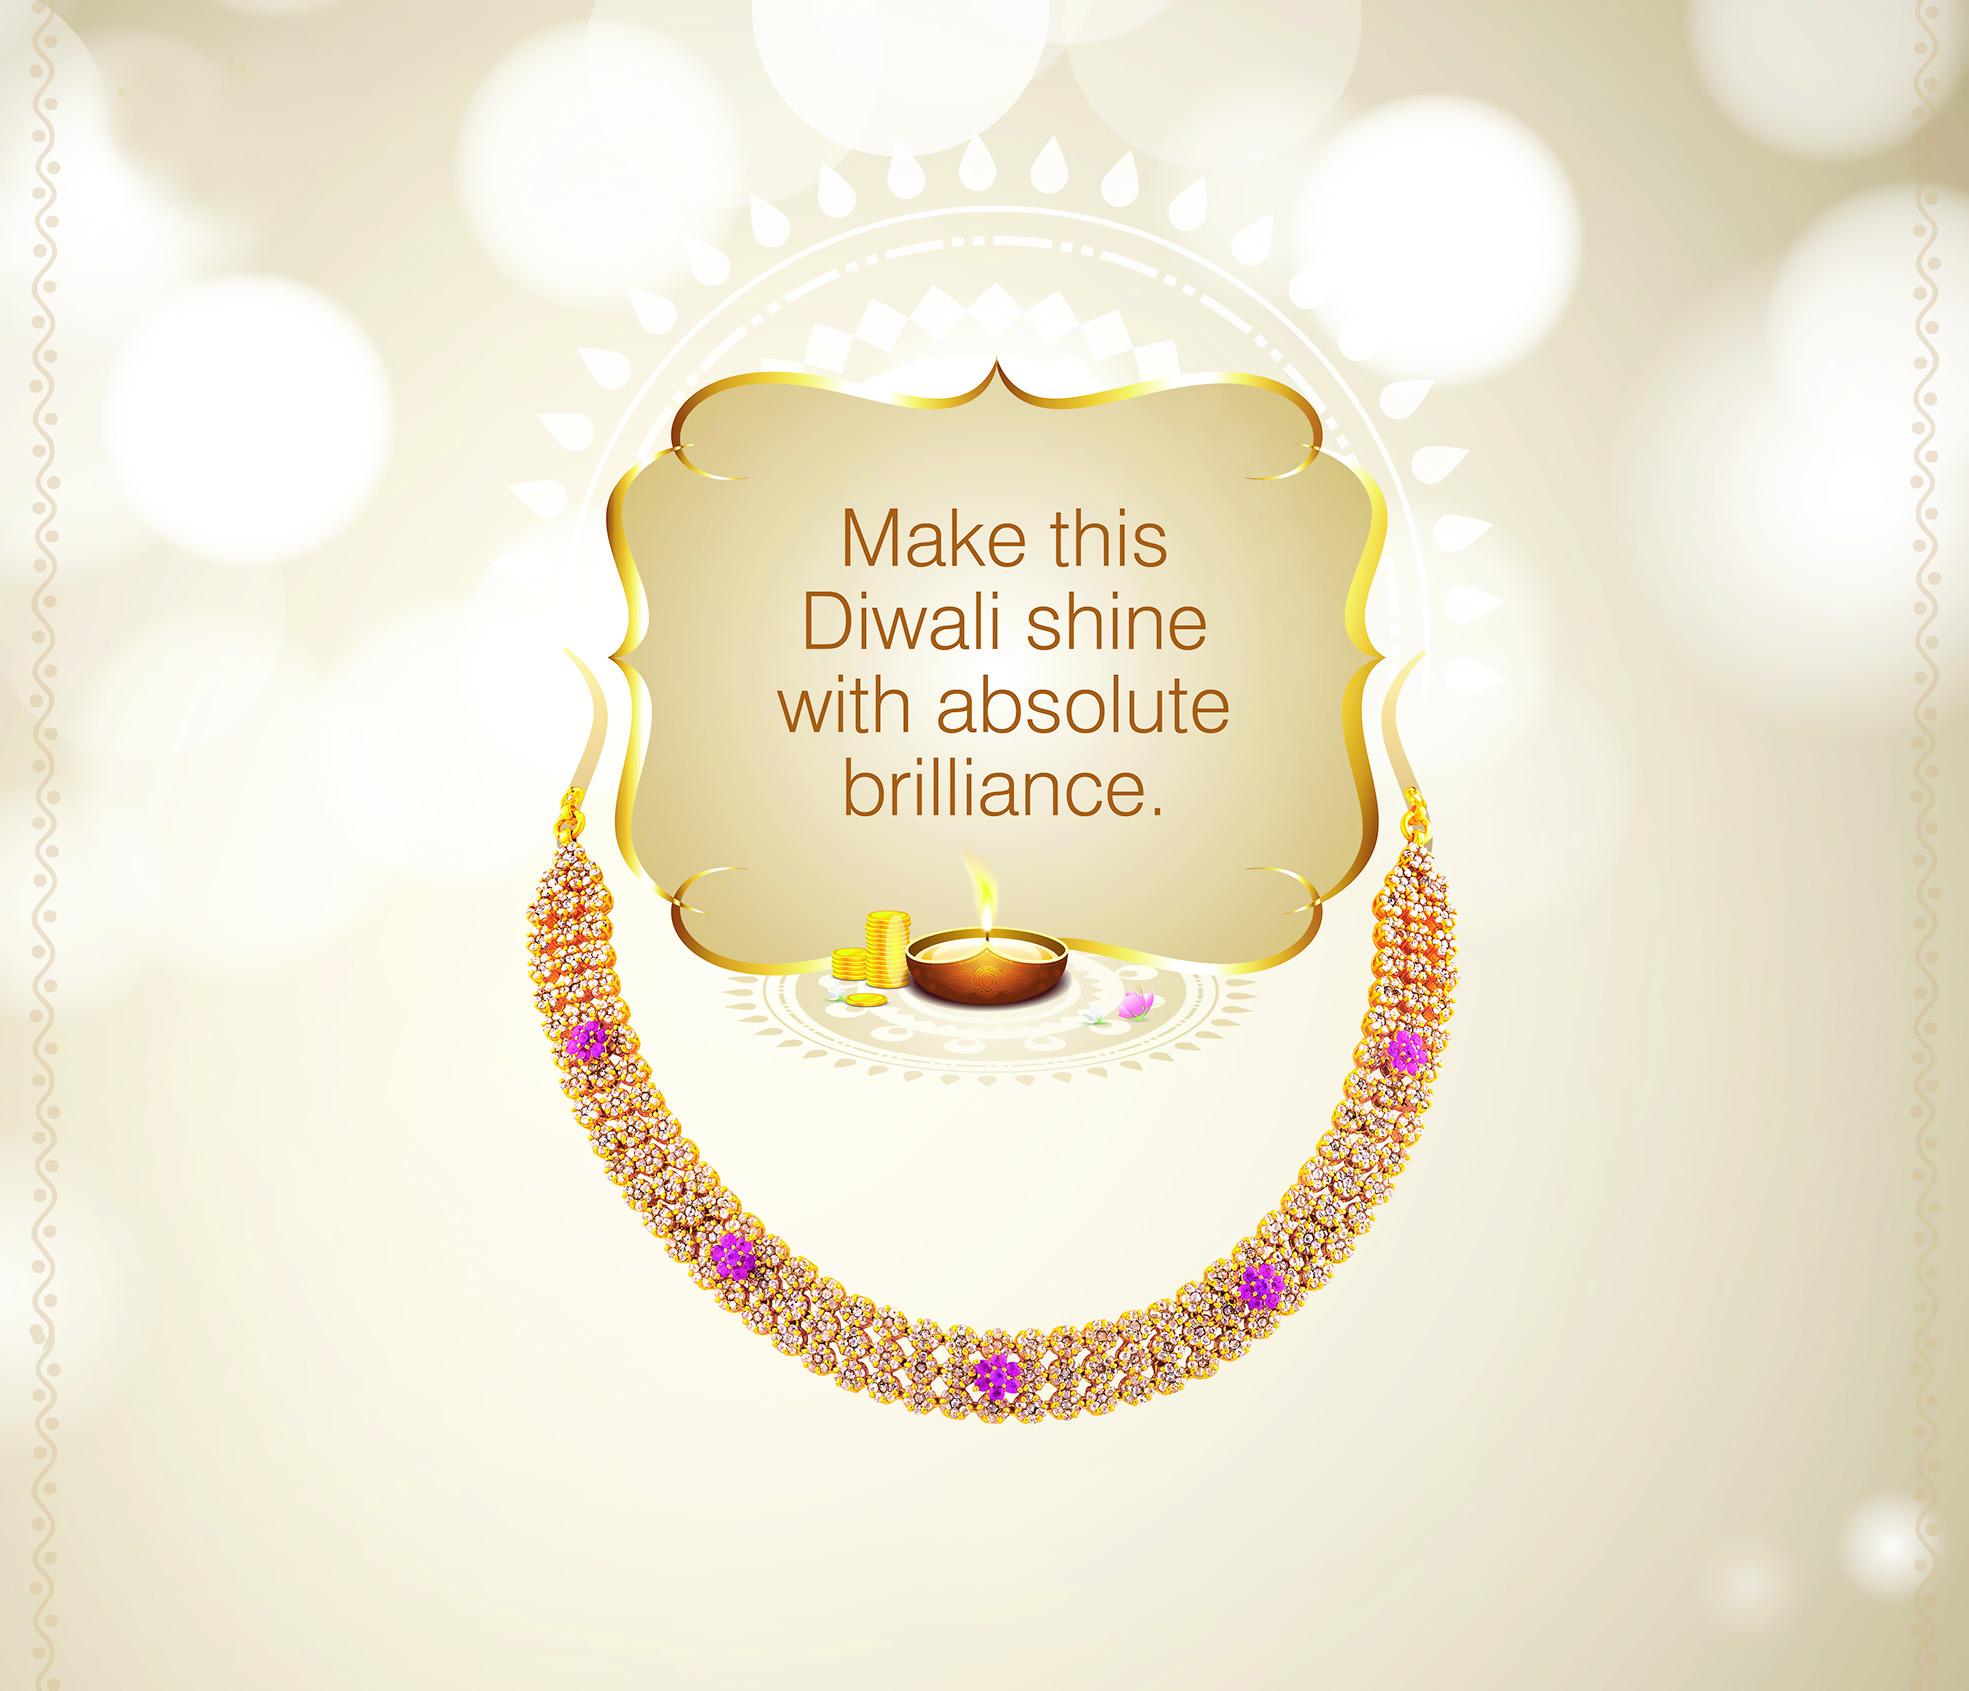 لؤلؤ البحر للذهب والمجوهرات الماسية تعلن عن عرض ديوالي الخاص